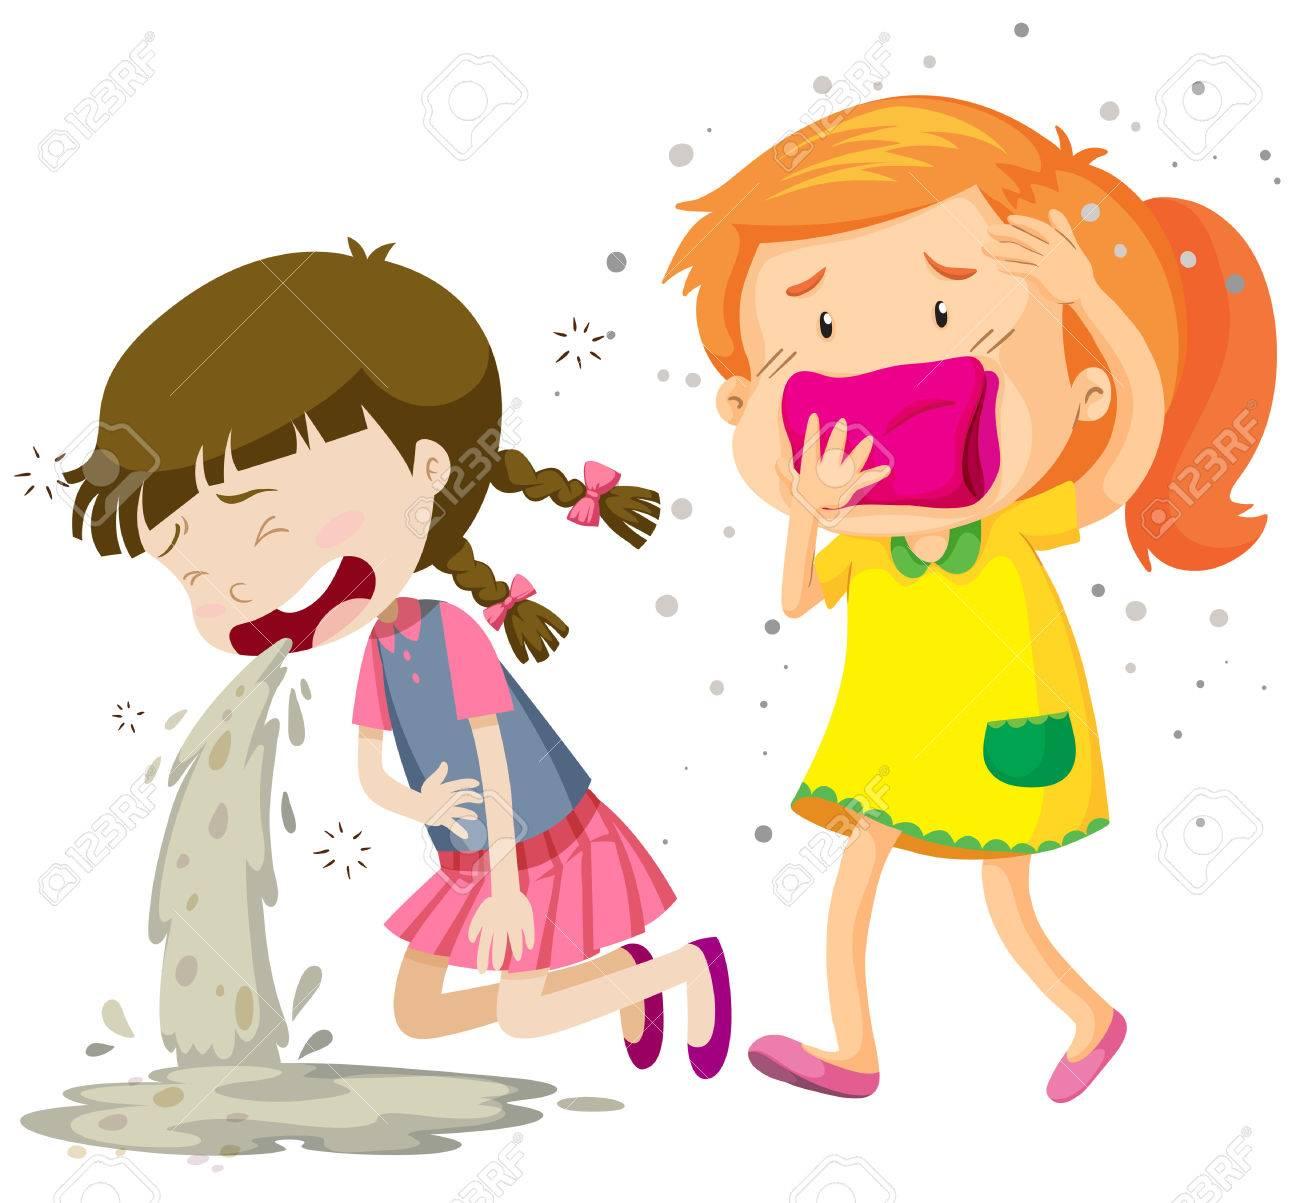 病気のイラストをされている二人の女の子のイラスト素材ベクタ Image